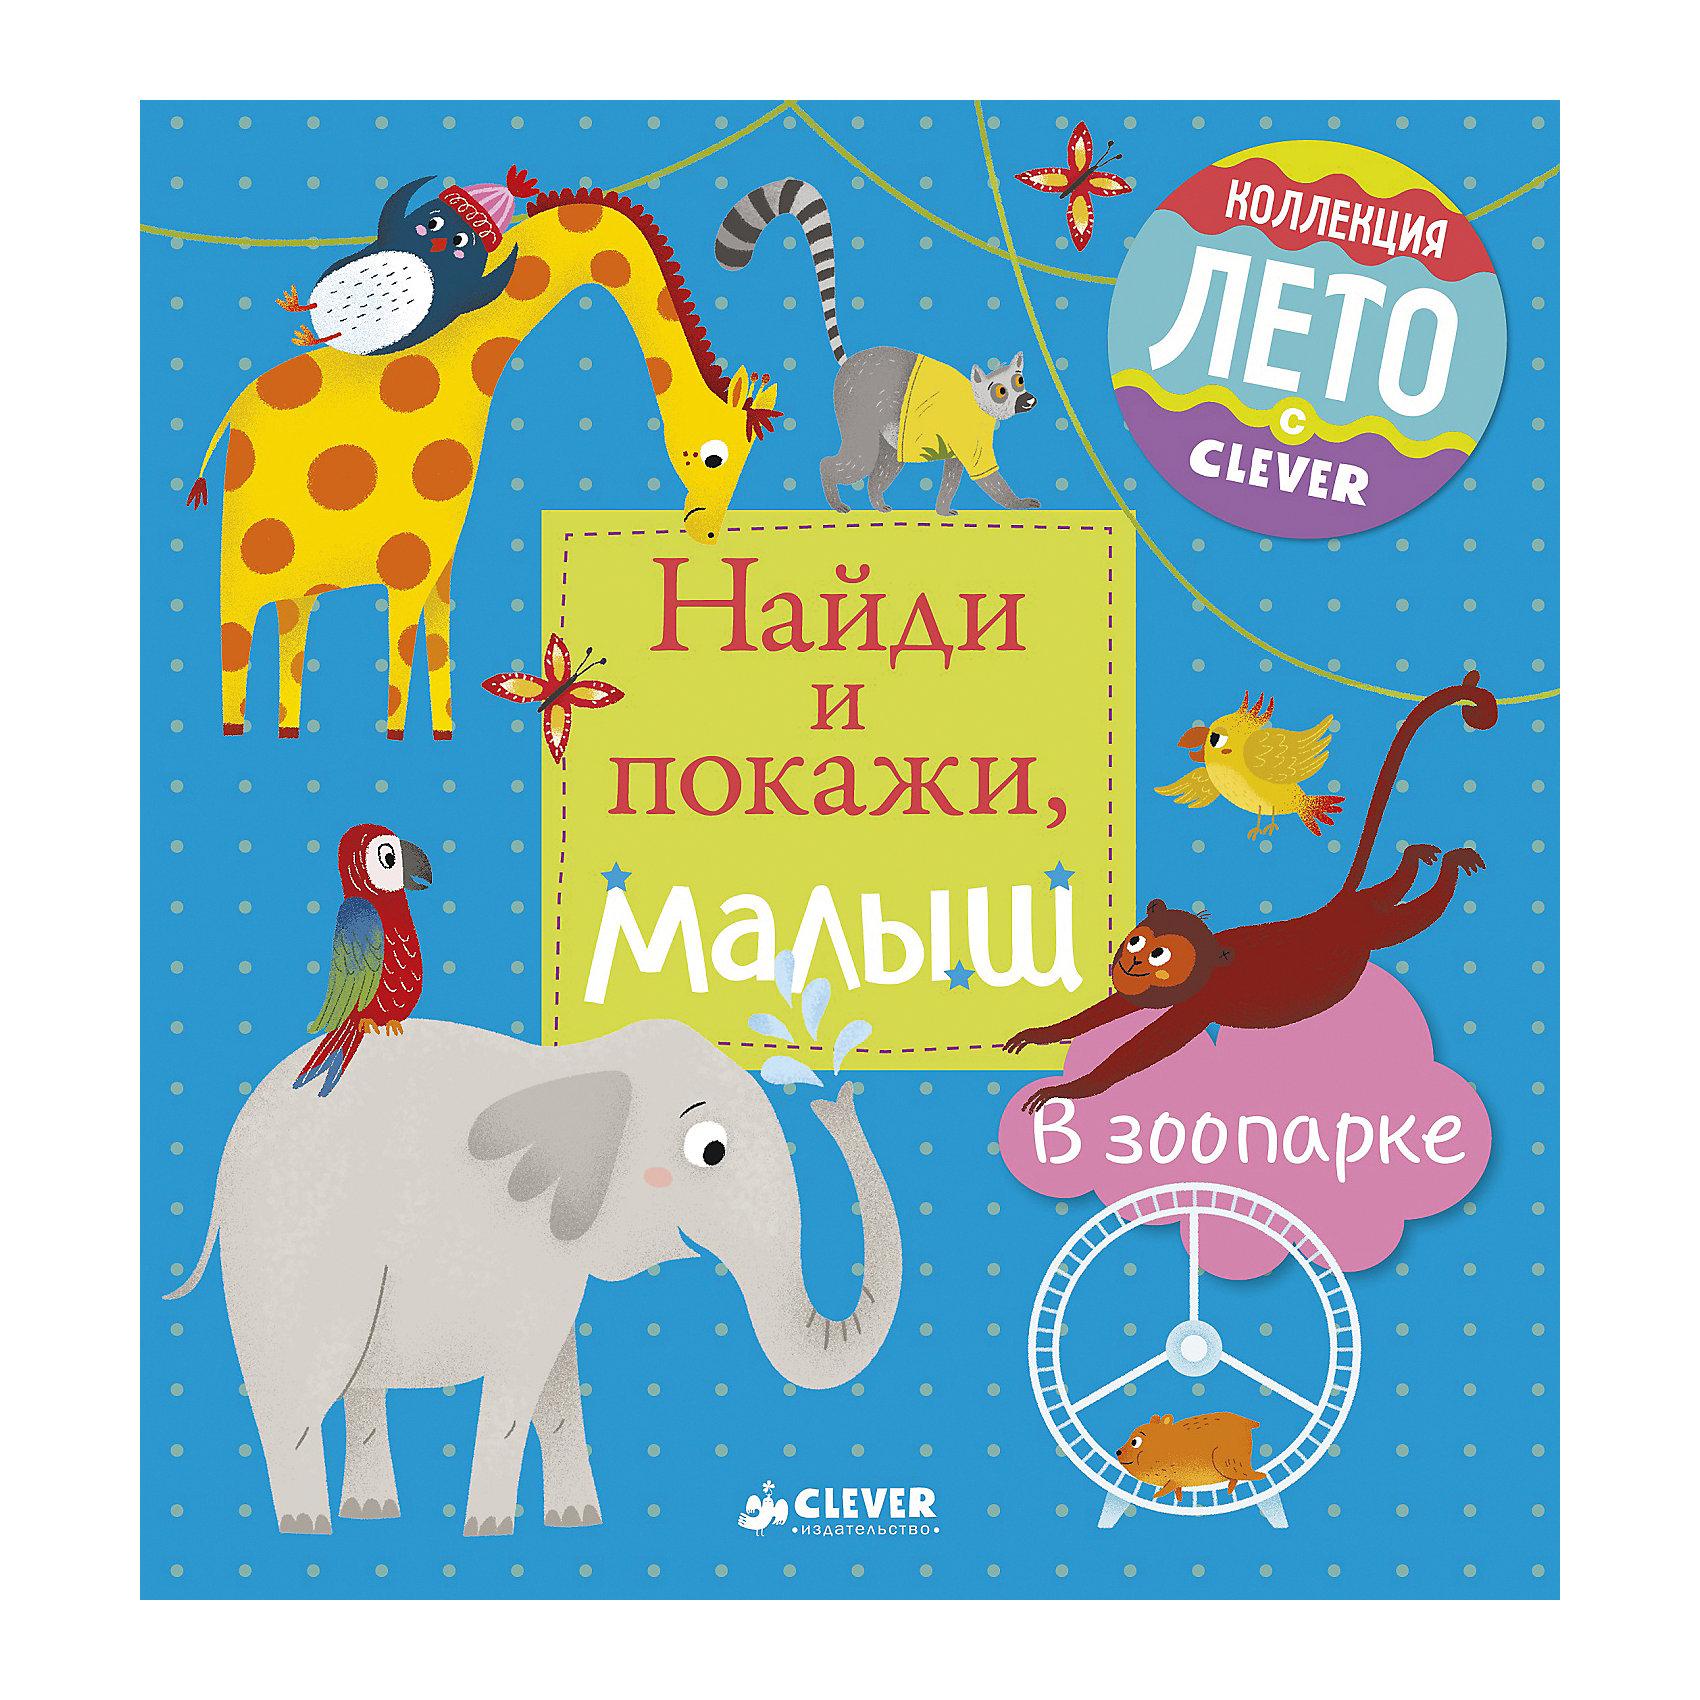 Найди и покажи, малыш: в зоопарке, CleverТесты и задания<br>Характеристики товара:<br><br>• ISBN: 9785906929846;<br>• возраст: от 0;<br>• формат: 70х90/16;<br>• бумага: мелованная;<br>• тип обложки: 7Бц - твердая, целлофанированная (или лакированная);<br>• иллюстрации: цветные;<br>• серия: Найди и покажи;<br>• коллекция: Лето;<br>• издательство: Клевер Медиа Групп, 2017 г.;<br>• автор: Герасименко Анна;<br>• художник: Шендрик Светлана;<br>• количество страниц: 22;<br>• размеры: 18,5х17,7х0,6 см;<br>• масса: 210 г.<br><br>Книга «Найди и покажи, малыш: В зоопарке» подходит для самых маленьких читателей. Красочные иллюстрации с забавными обитателями зоопарка очень понравятся малышам. Короткий и простой текст доступен для восприятия. <br><br>Книга подходит для занятий мамы с ребенком. Можно рассказать и показать континенты и страны, в которых обитают слоны, обезьяны, жирафы. На полях изображены животные, которых нужно найти на картинках. <br><br>Простые задания способствуют развитию памяти, логики, внимания. <br><br>Книгу «Найди и покажи, малыш: В зоопарке», Клевер Медиа Групп, Герасименко Анна, можно купить в нашем интернет-магазине.<br><br>Ширина мм: 180<br>Глубина мм: 170<br>Высота мм: 50<br>Вес г: 222<br>Возраст от месяцев: 12<br>Возраст до месяцев: 36<br>Пол: Унисекс<br>Возраст: Детский<br>SKU: 6709200